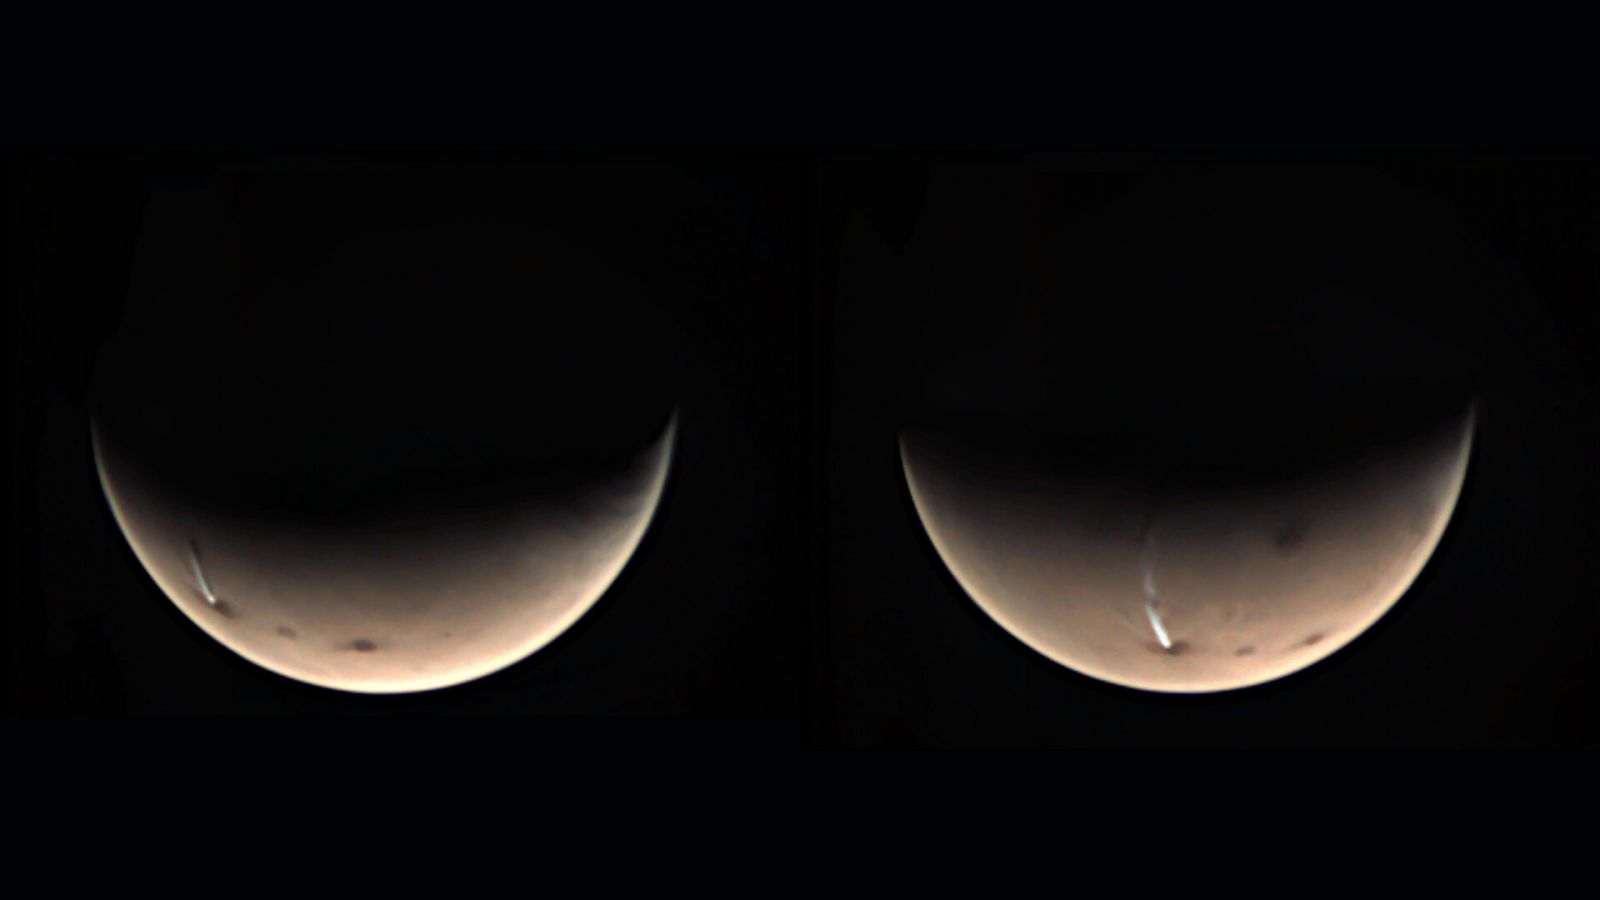 Загадочная облако на Марсе, фото: ЕКА